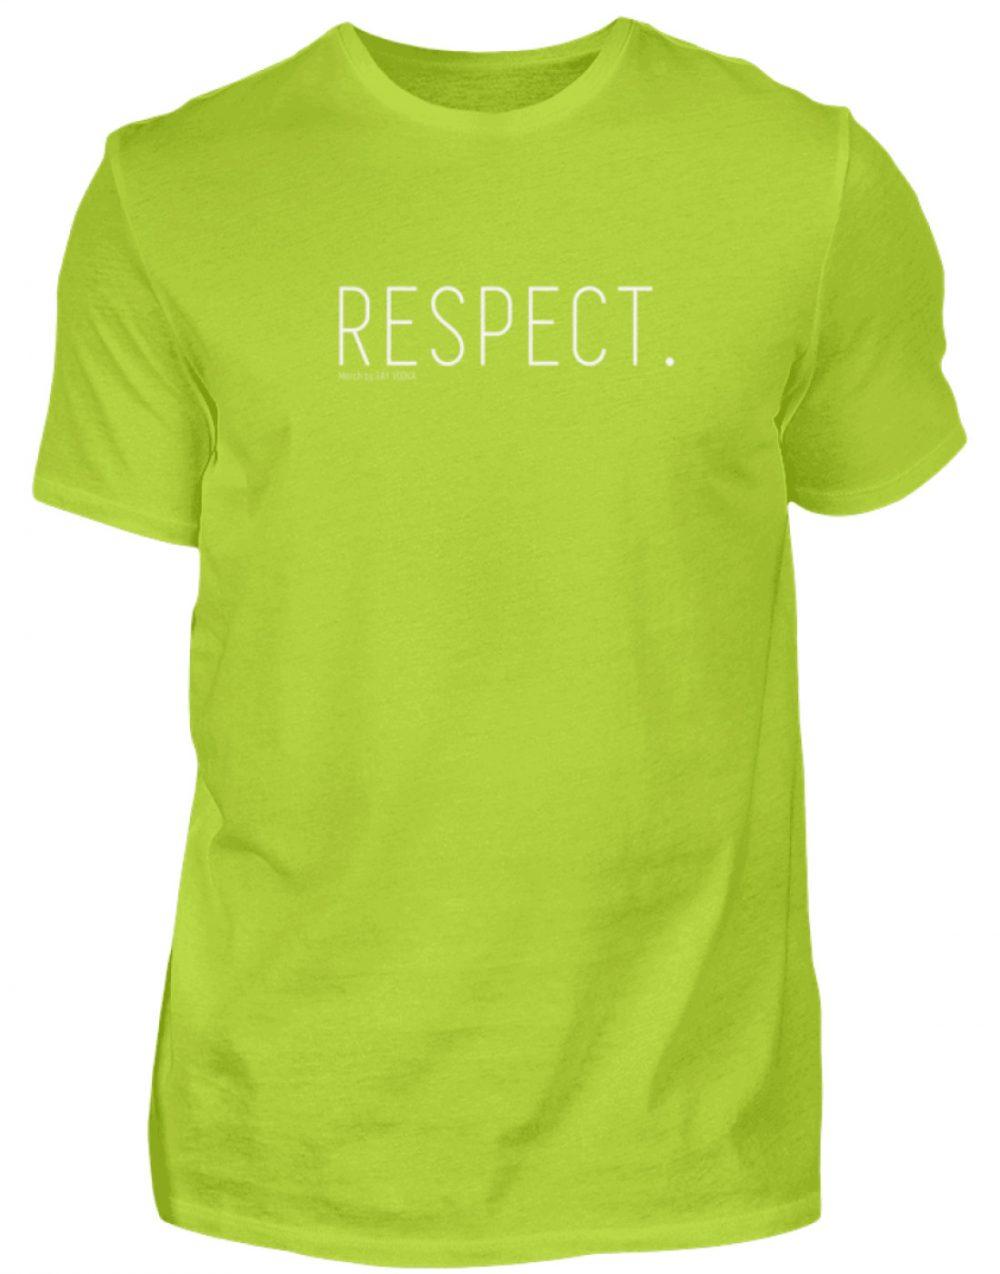 RESPECT. - Herren Premiumshirt-2885